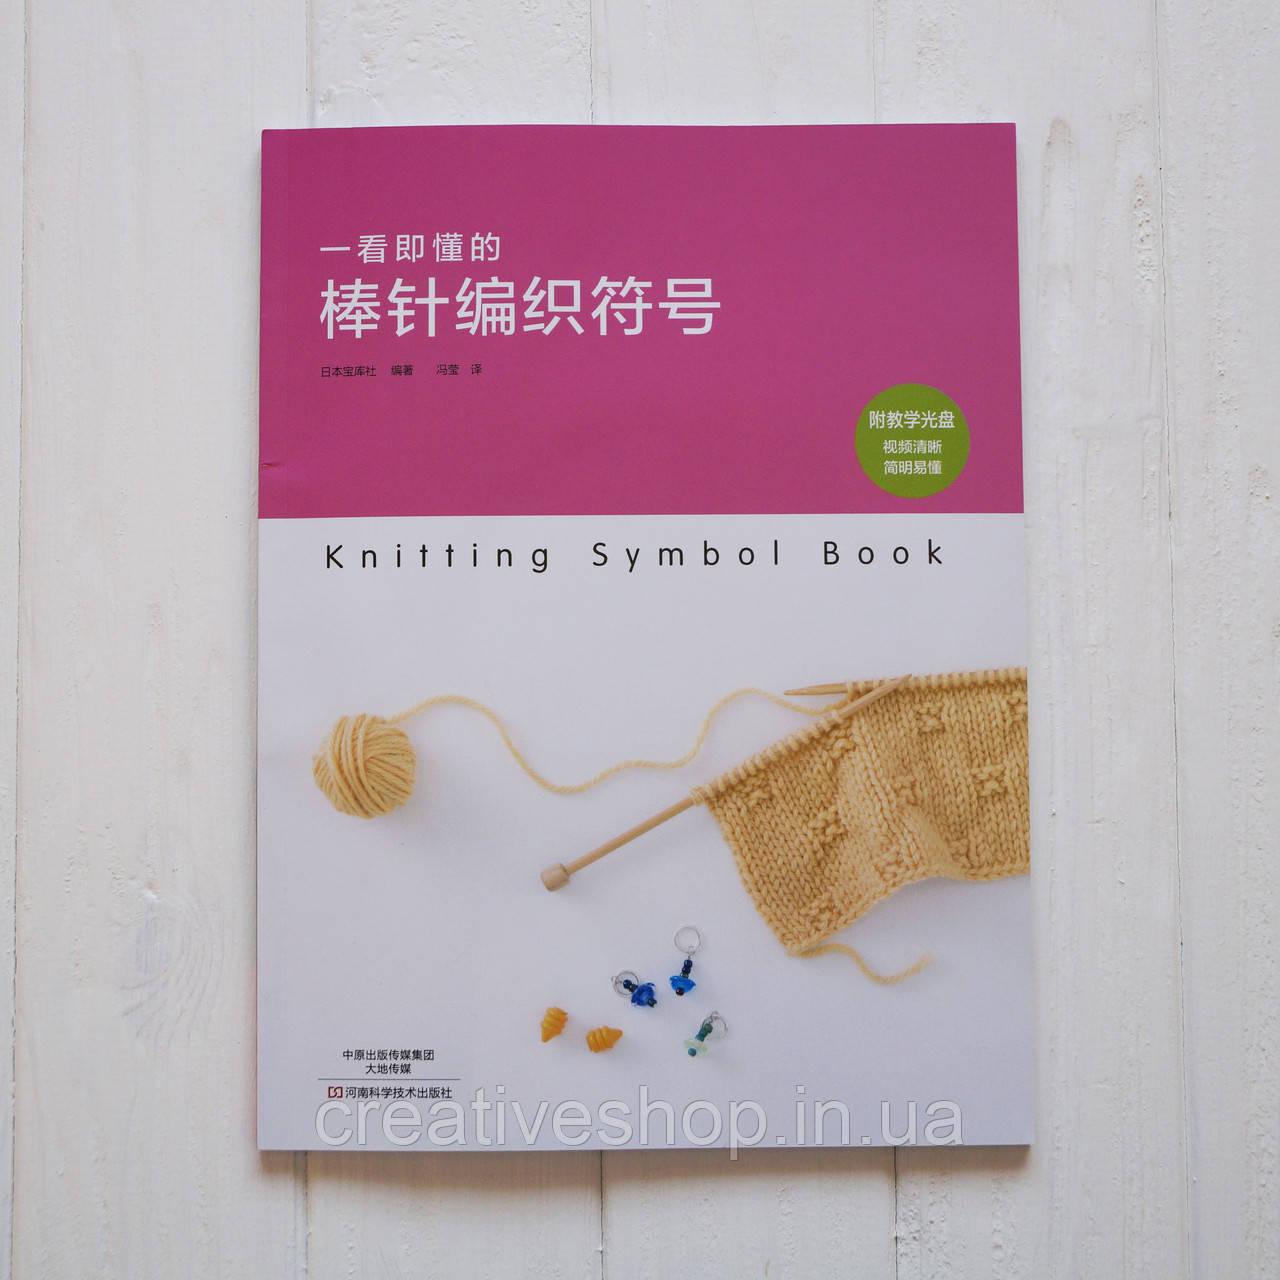 Самоучитель по вязанию спицами (условные обозначения в японских книгах)